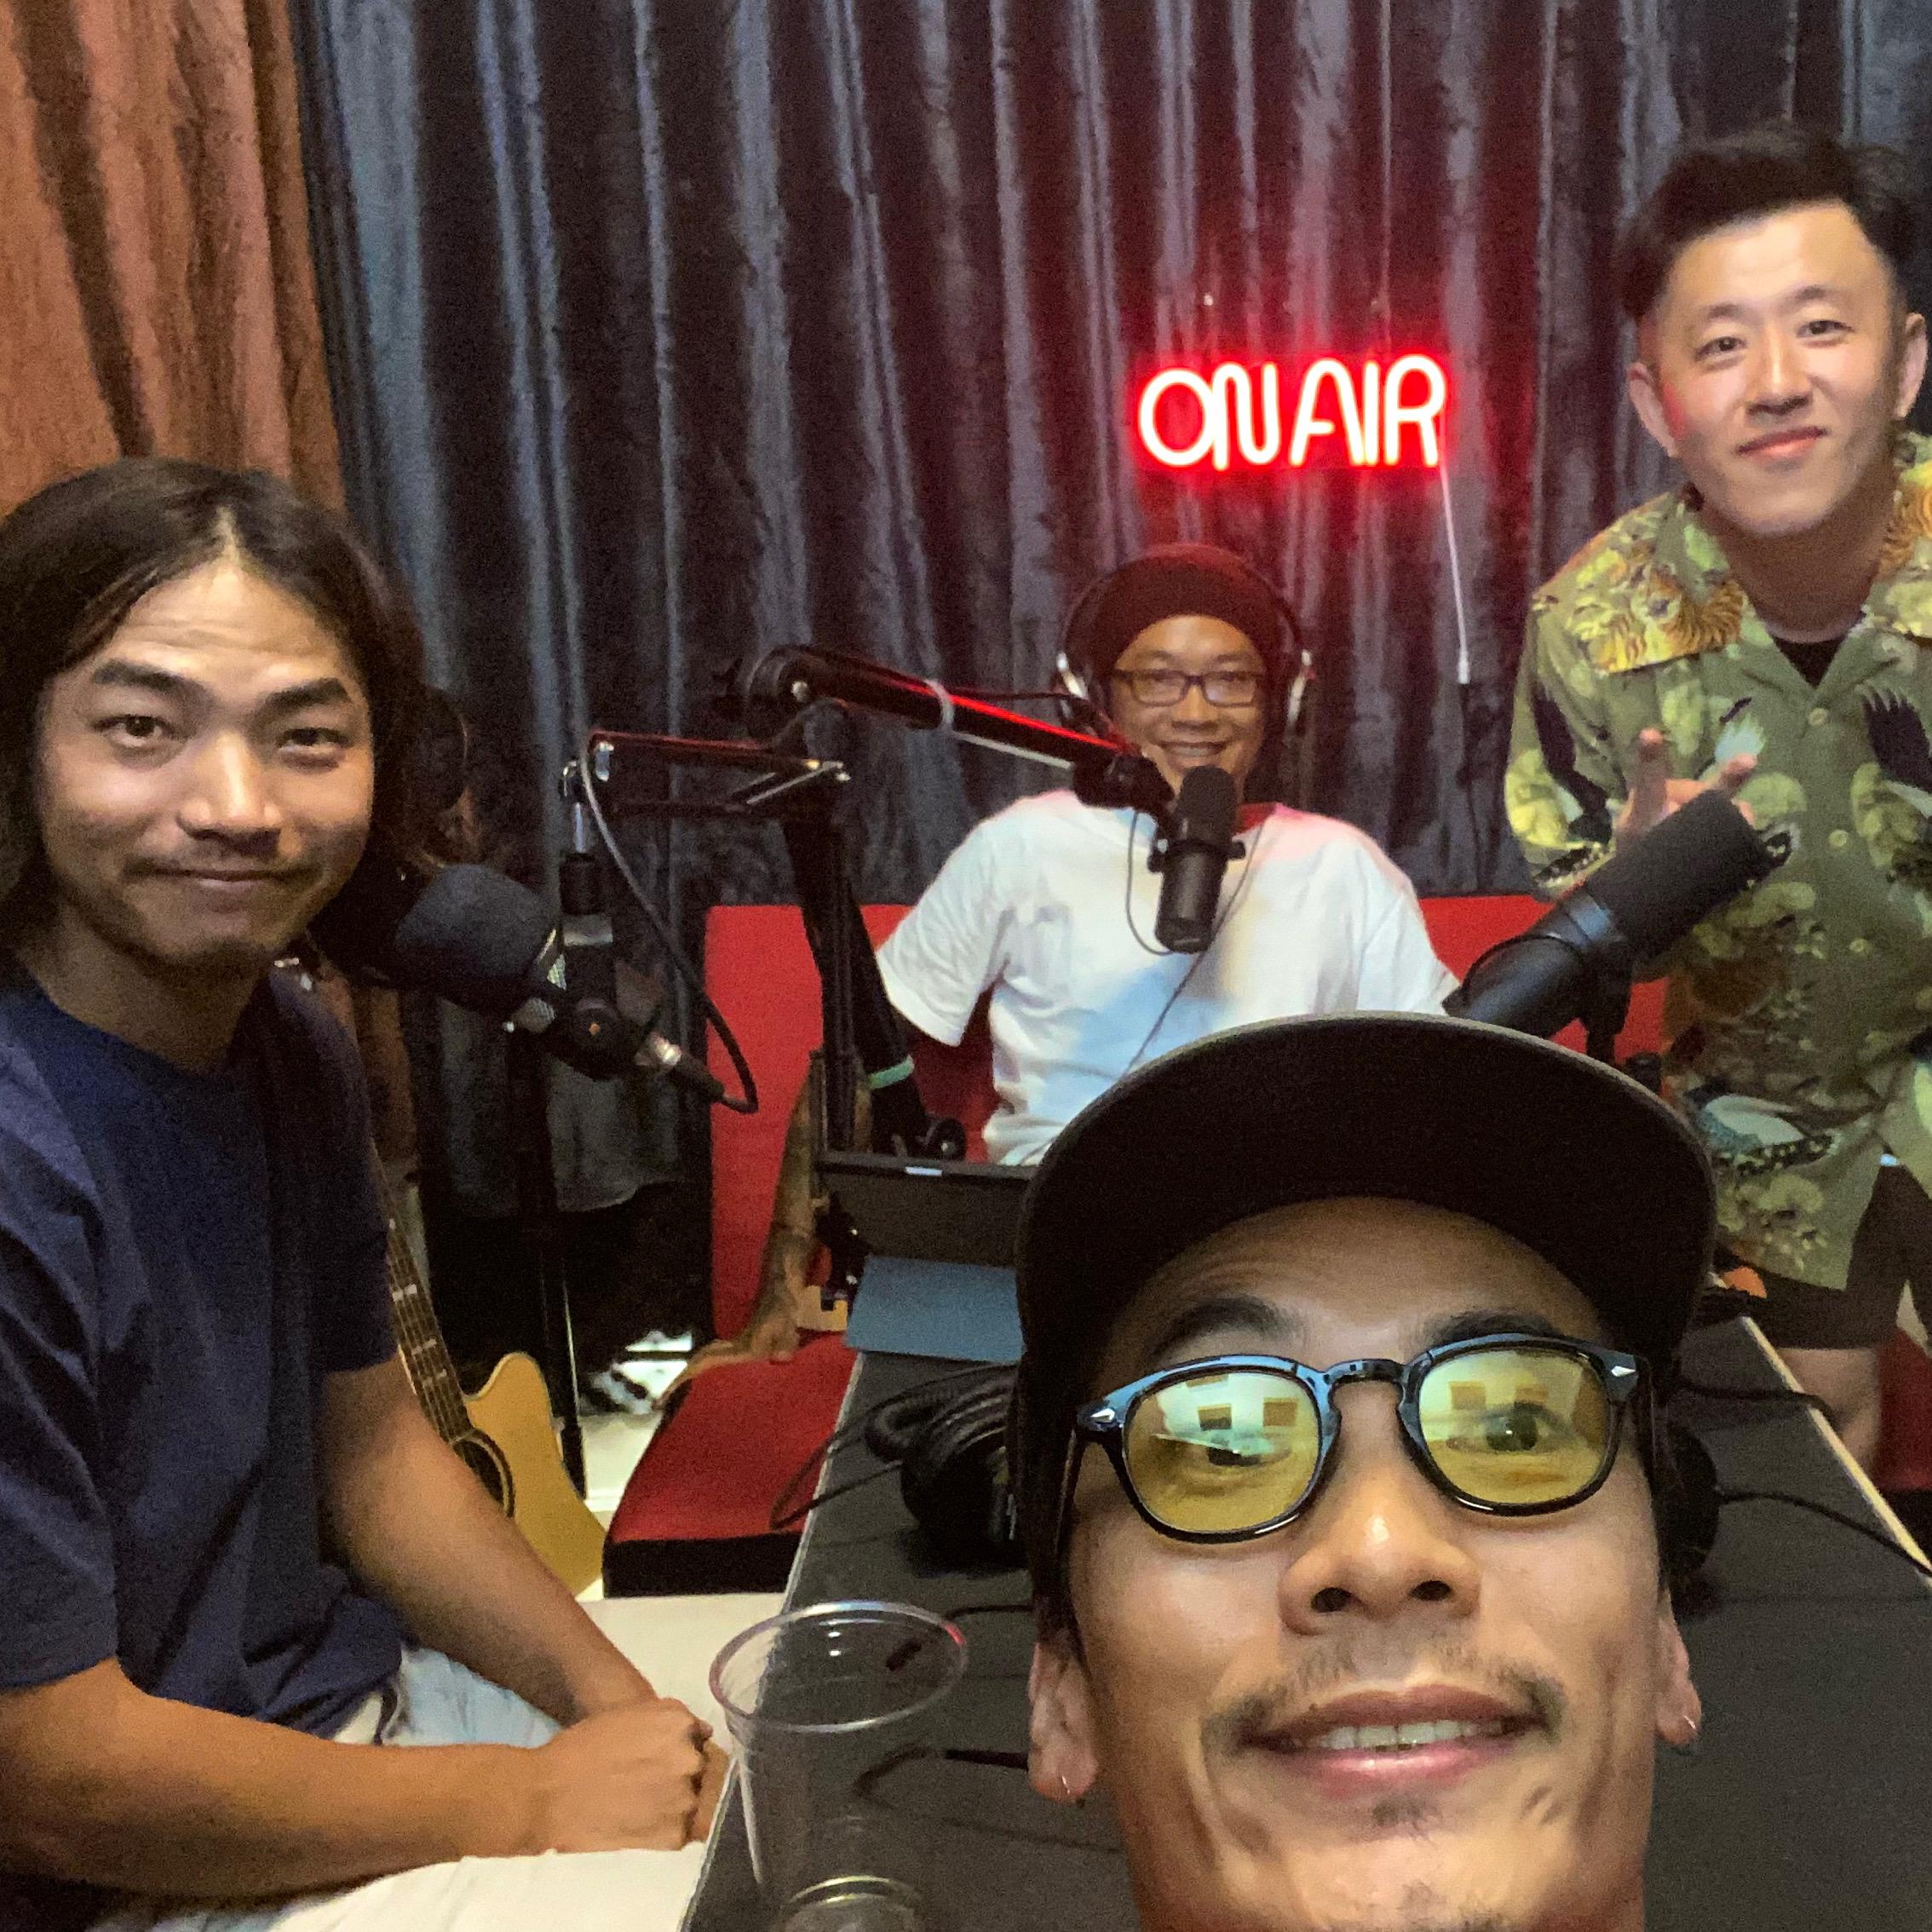 骑摩托走遍大半个中国的配音演员 因为摩托在泰国清迈扎下了根【柒玖电台 播客】